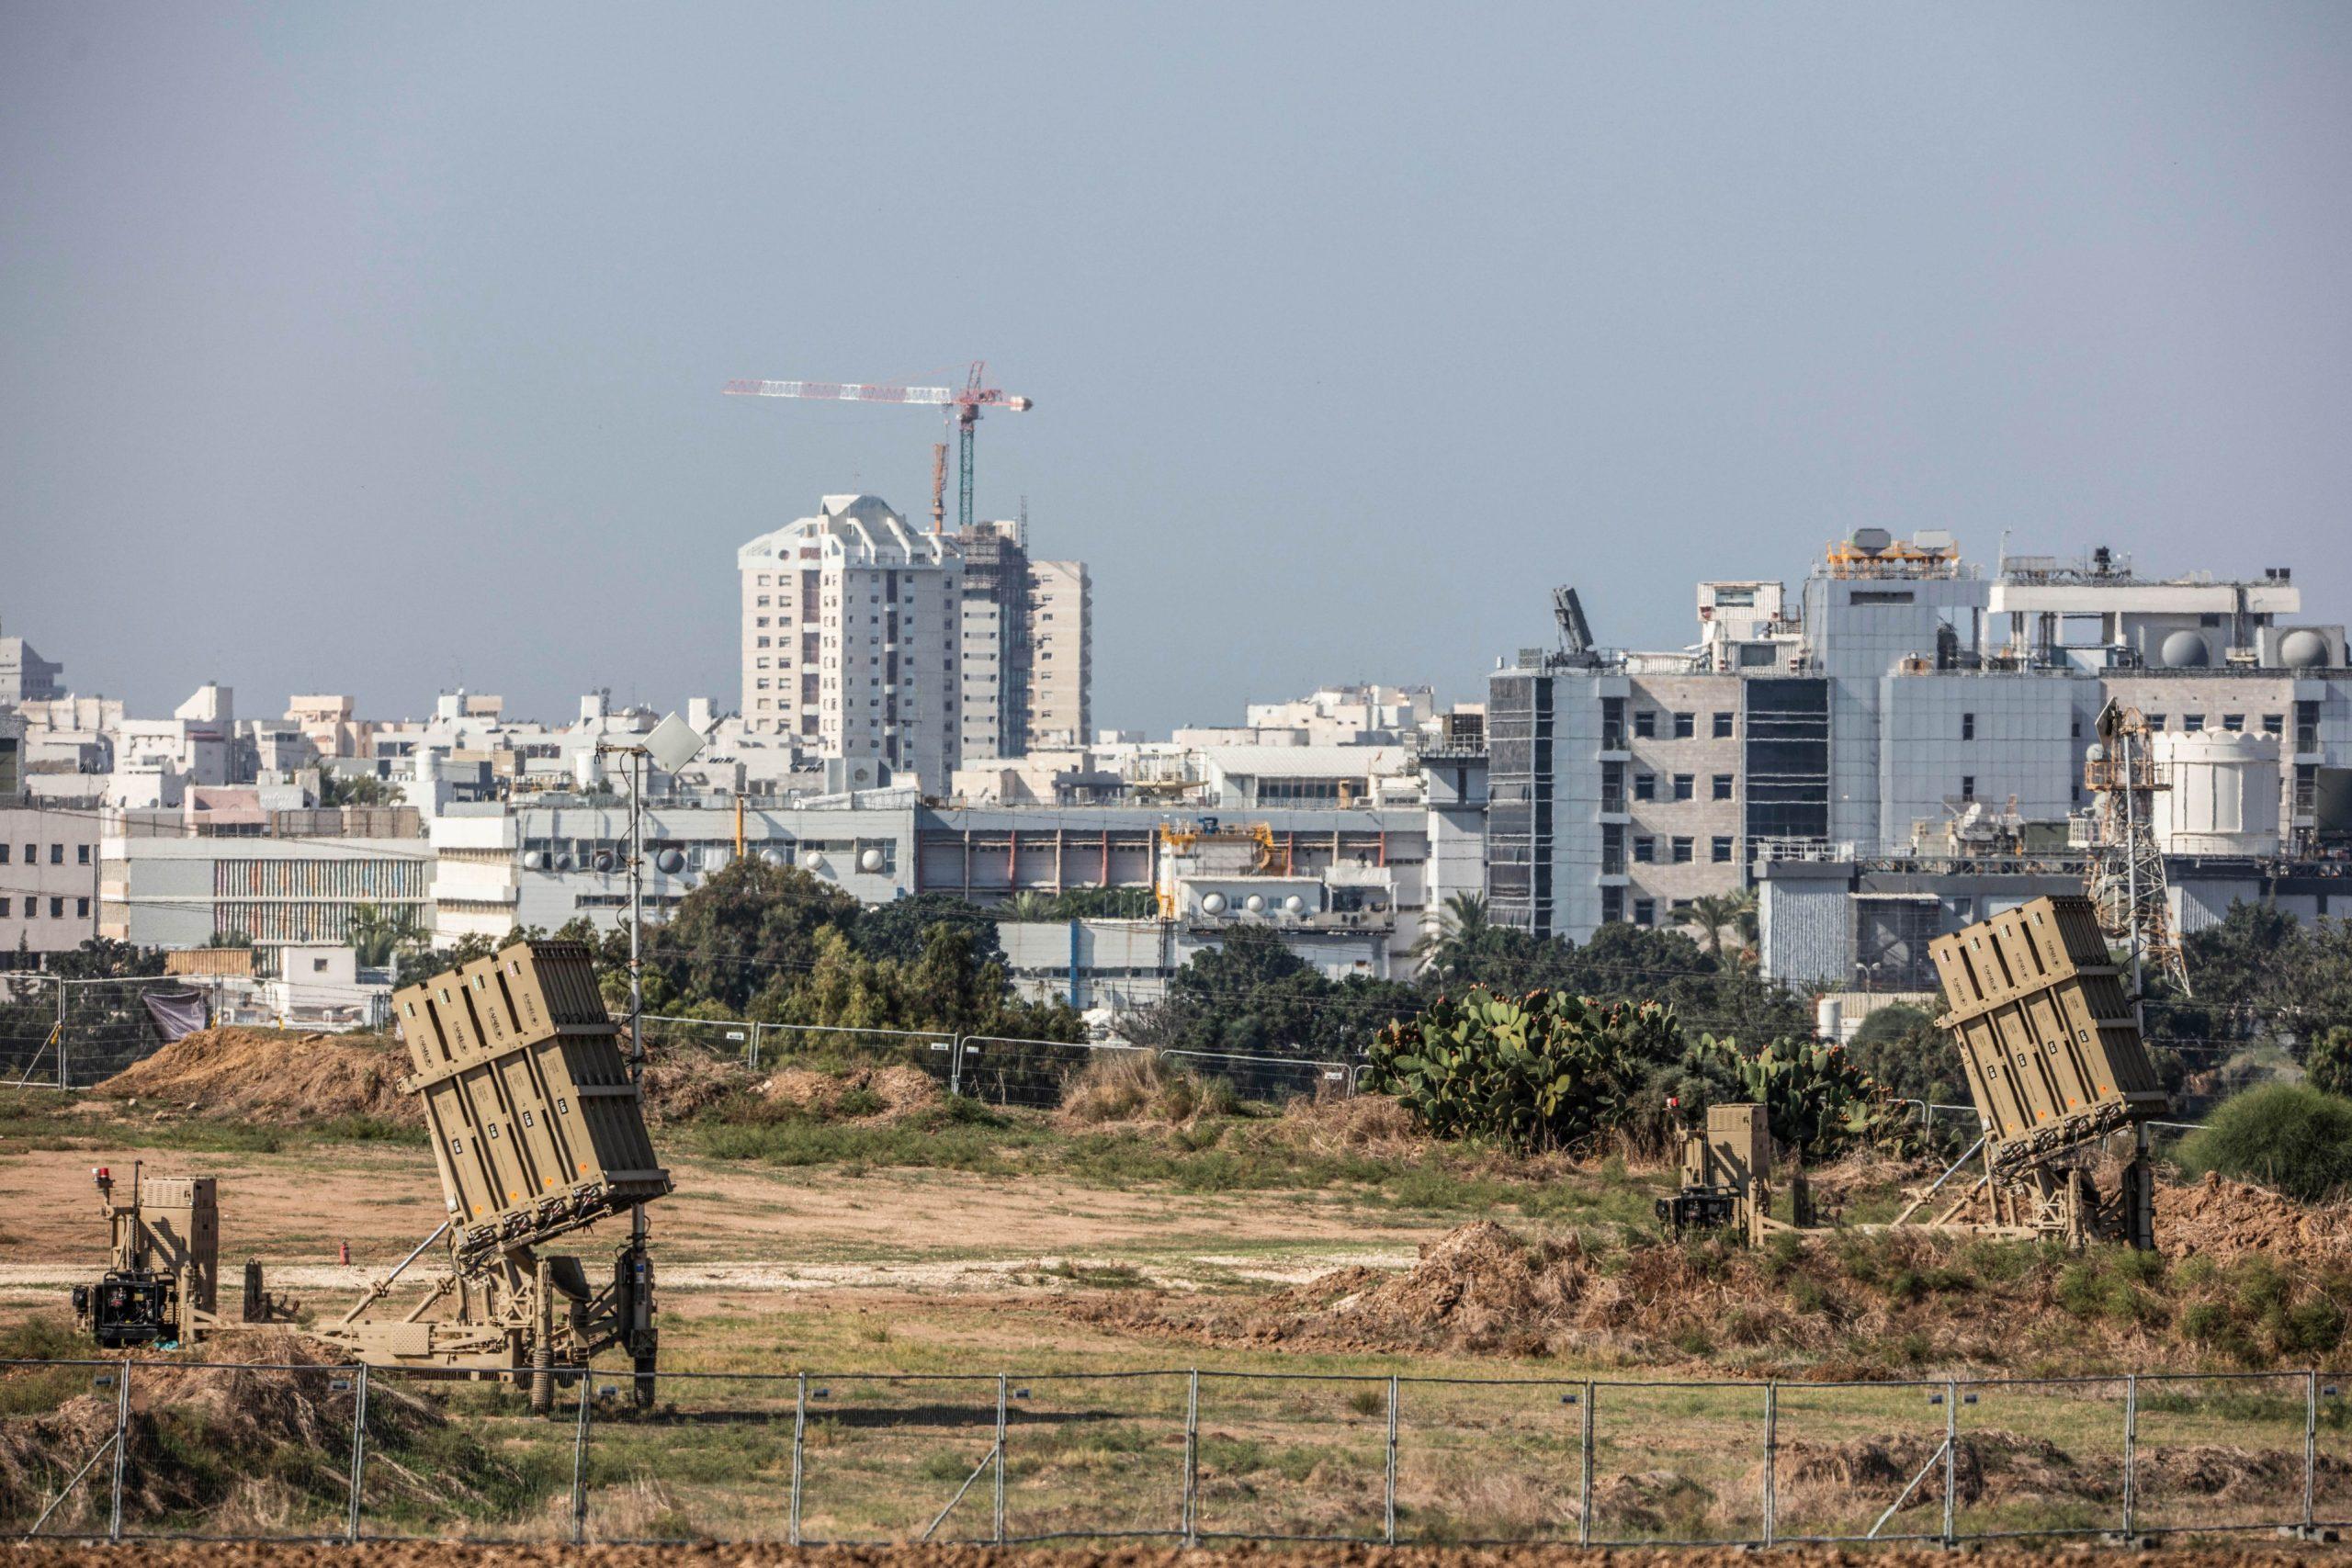 Conflictul Israel-Palestina, ziua 10. Cum alege Iron Dome, scutul antiaerian israelian, rachetele pe car ele interceptează